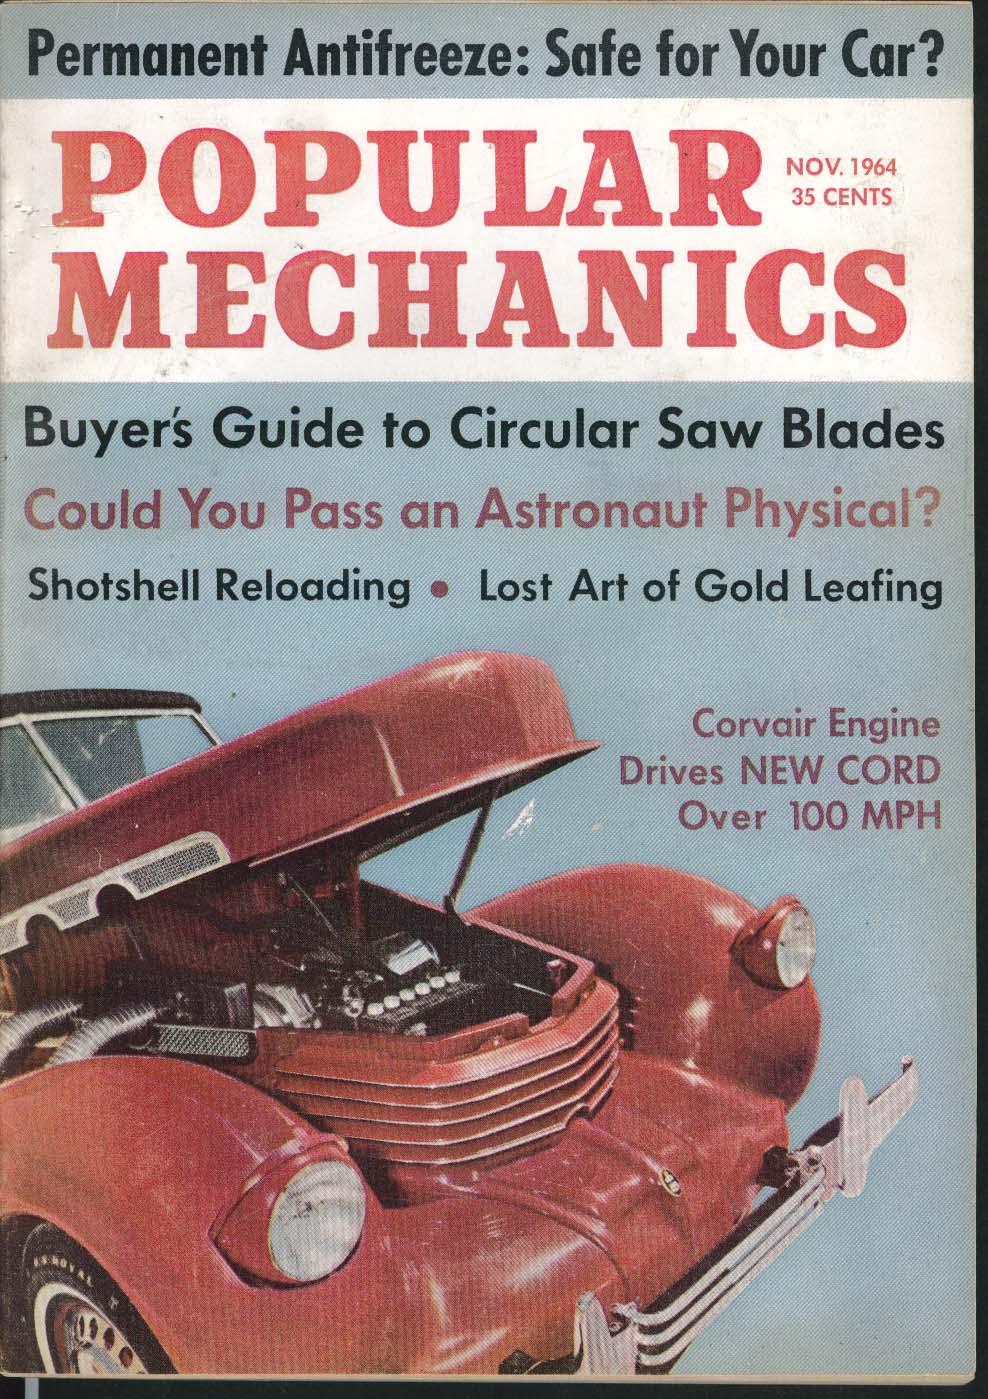 Image for POPULAR MECHANICS Antifreeze Circular Saw Blade Astronaut Corvair Engine 11 1964